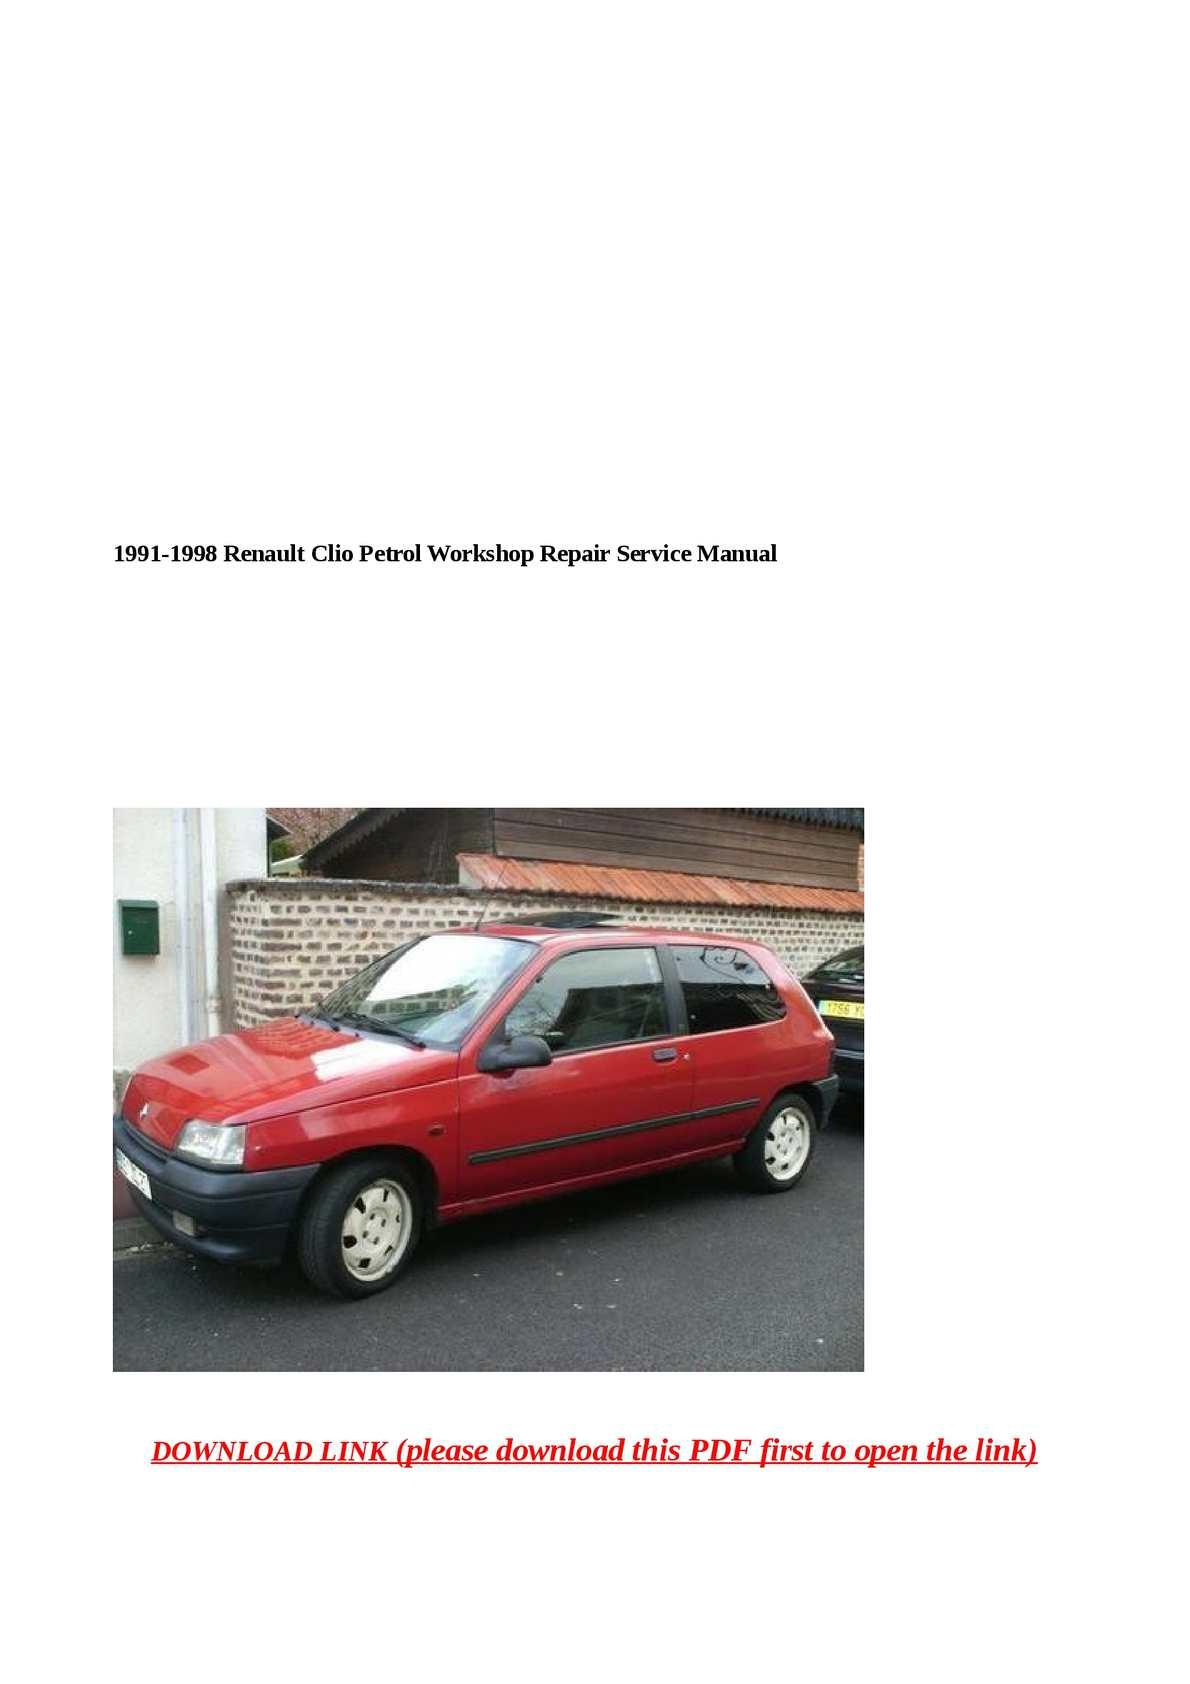 [SCHEMATICS_4UK]  Calaméo - 1991-1998 Renault Clio Petrol Workshop Repair Service Manual | Wiring Diagram Renault Clio 1995 |  | Calaméo